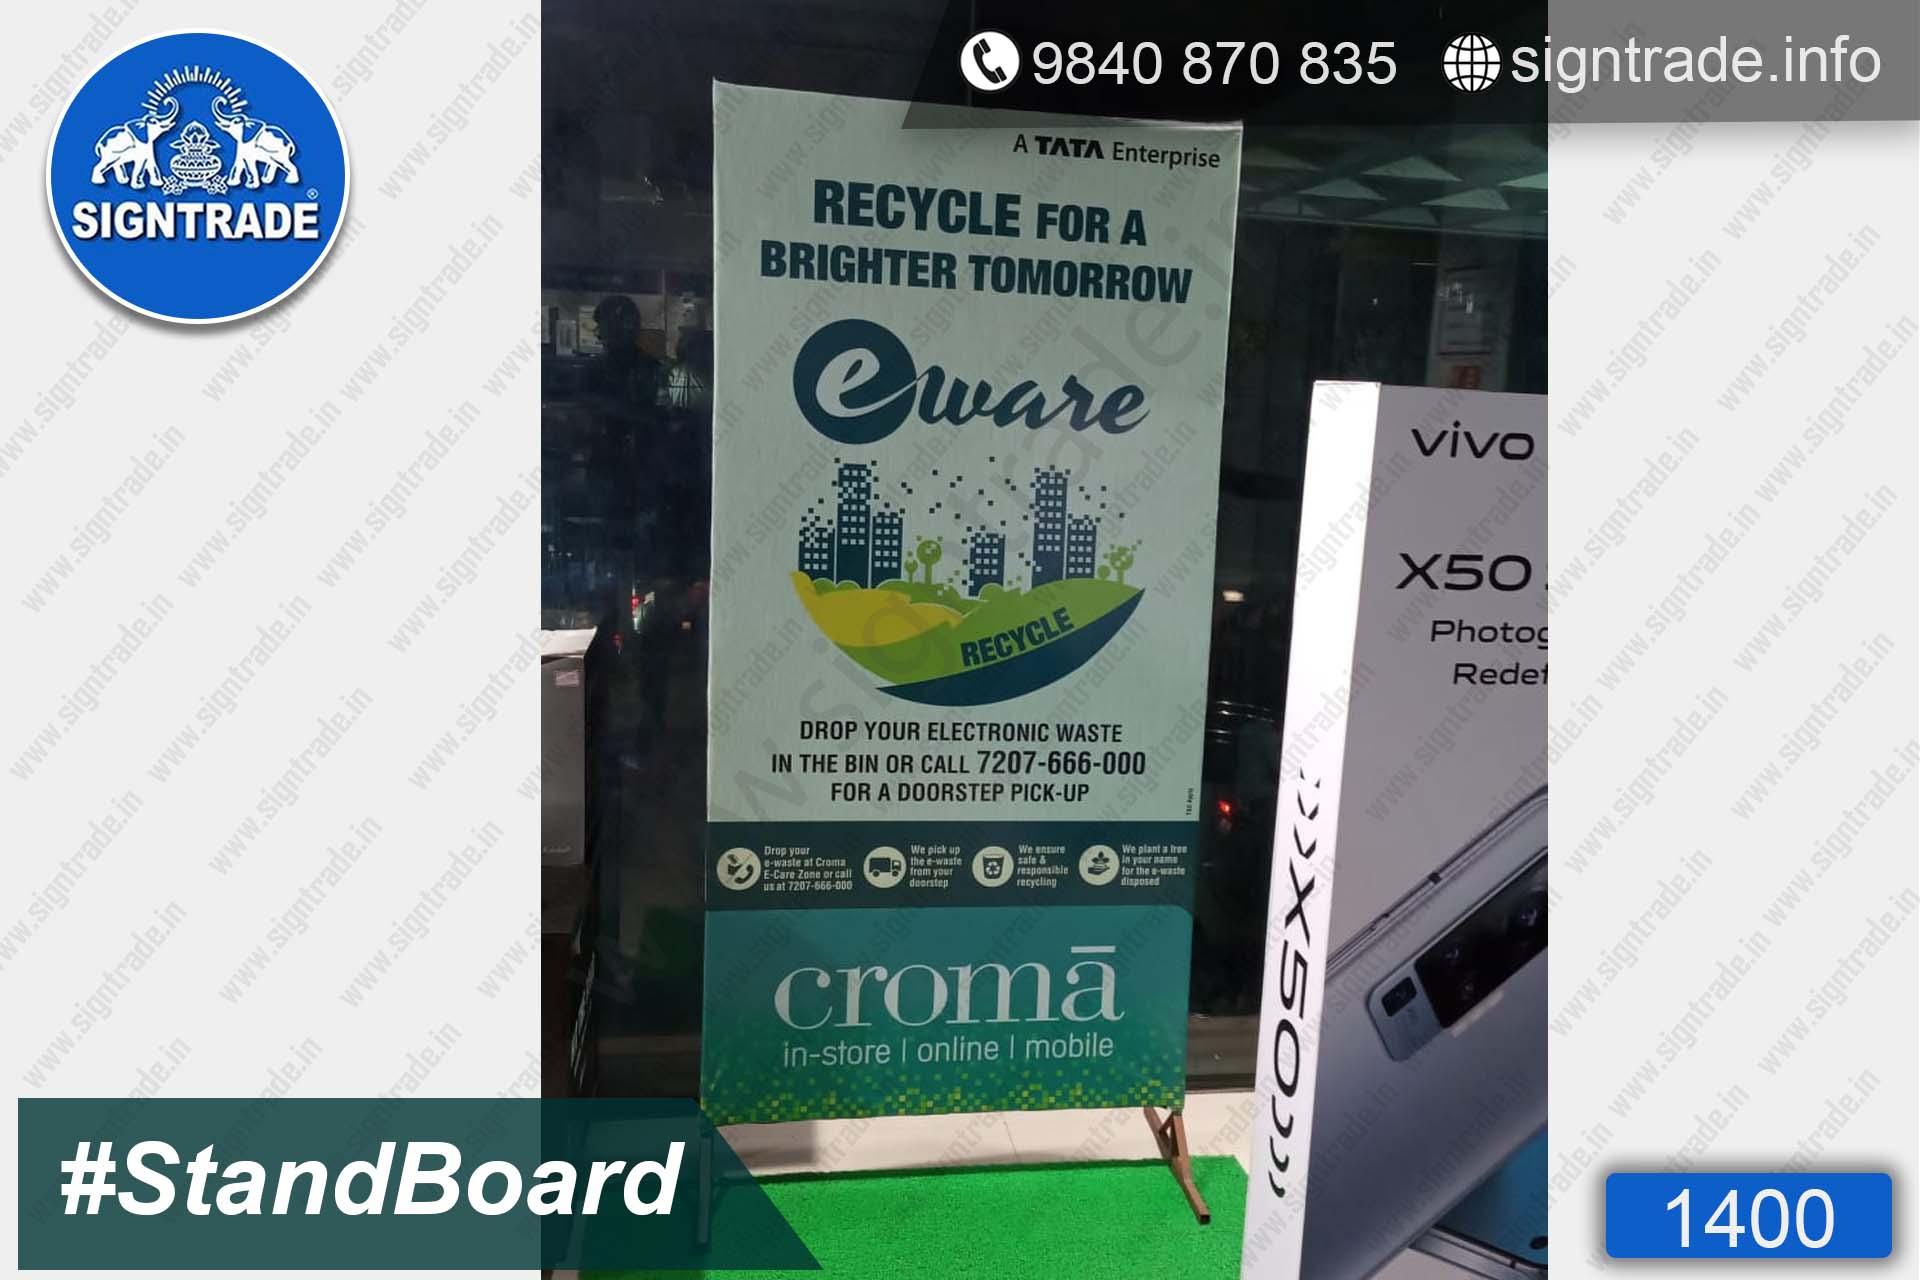 Croma - 1400, Stand Up Flex Board, Flex Board, Shop front flex board, a board, board, Custom stand board